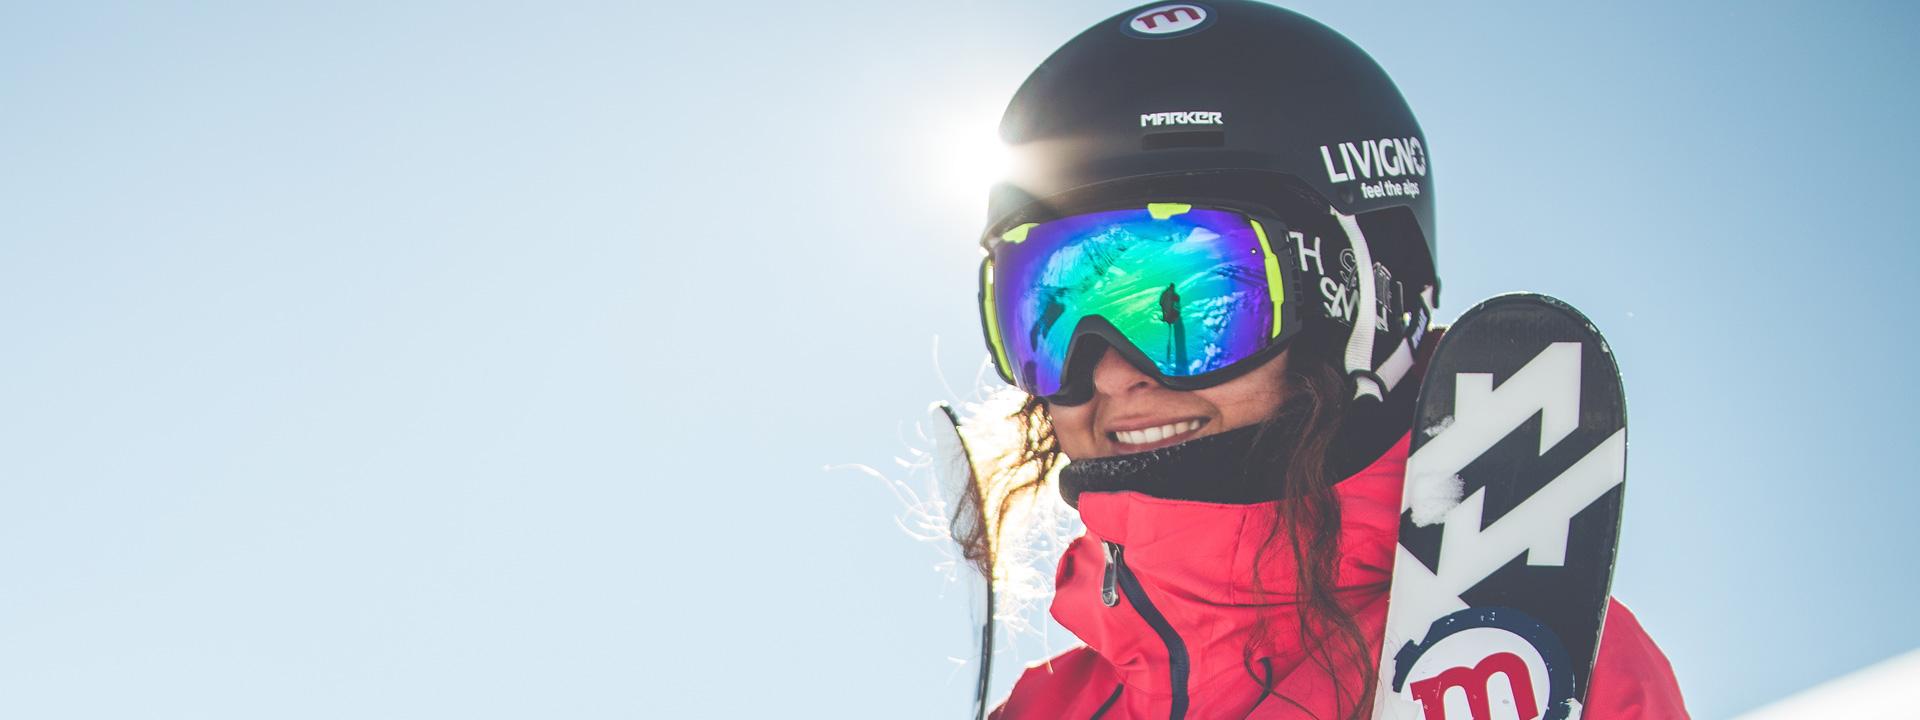 Sciatrice sulle piste della ski area Mottolino a Livigno